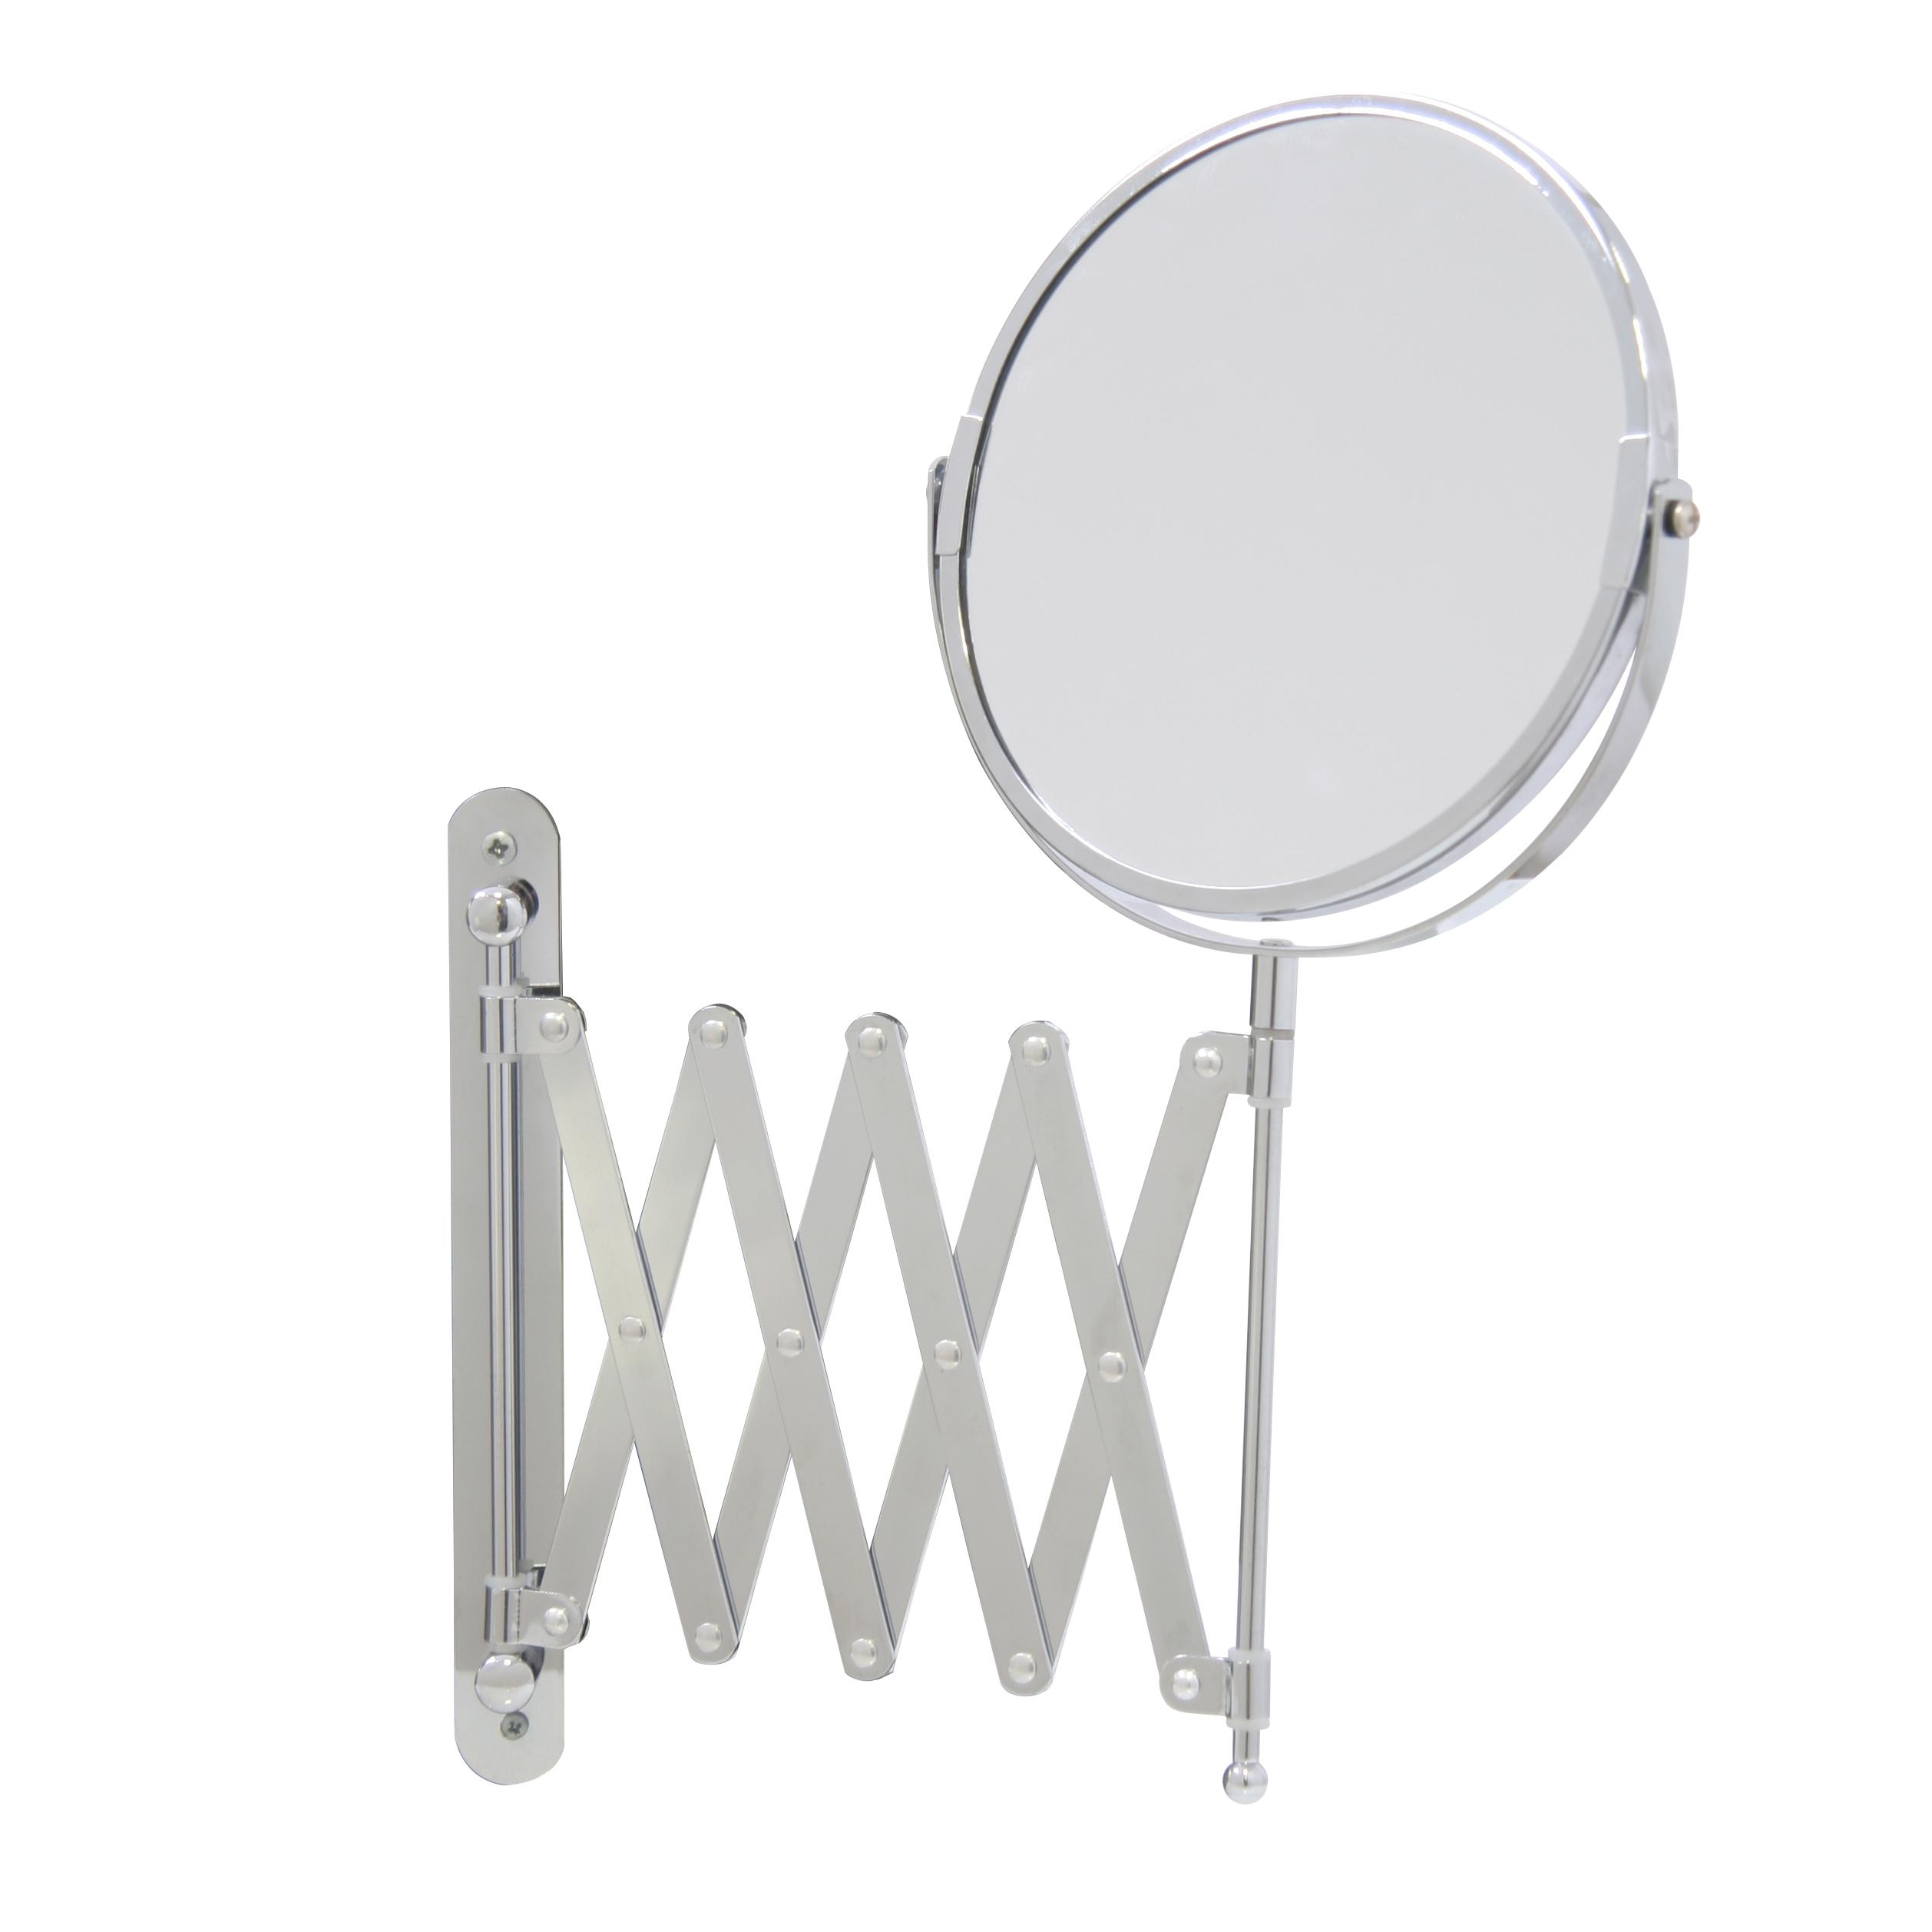 Зеркало косметическое Axentia, настенное, на вытягивающейся ручке, диаметр 17 смFS-80299Двухстороннее косметическое зеркало Axentia с трехкратным увеличением с одной из сторон оснащено ручкой, которая вытягивается на 57 cм. Изделие идеально подойдет для косметических процедур, нанесения и снятия макияжа, коррекции бровей и многого другого.Компактные размеры и возможность разворота на 360 градусов создаст дополнительный комфорт при использовании данного аксессуара.Изделие крепится на стену с помощью шурупов (не входят в комплект).Диаметр зеркала: 17 см.Выдвижение ручки на 57 см.